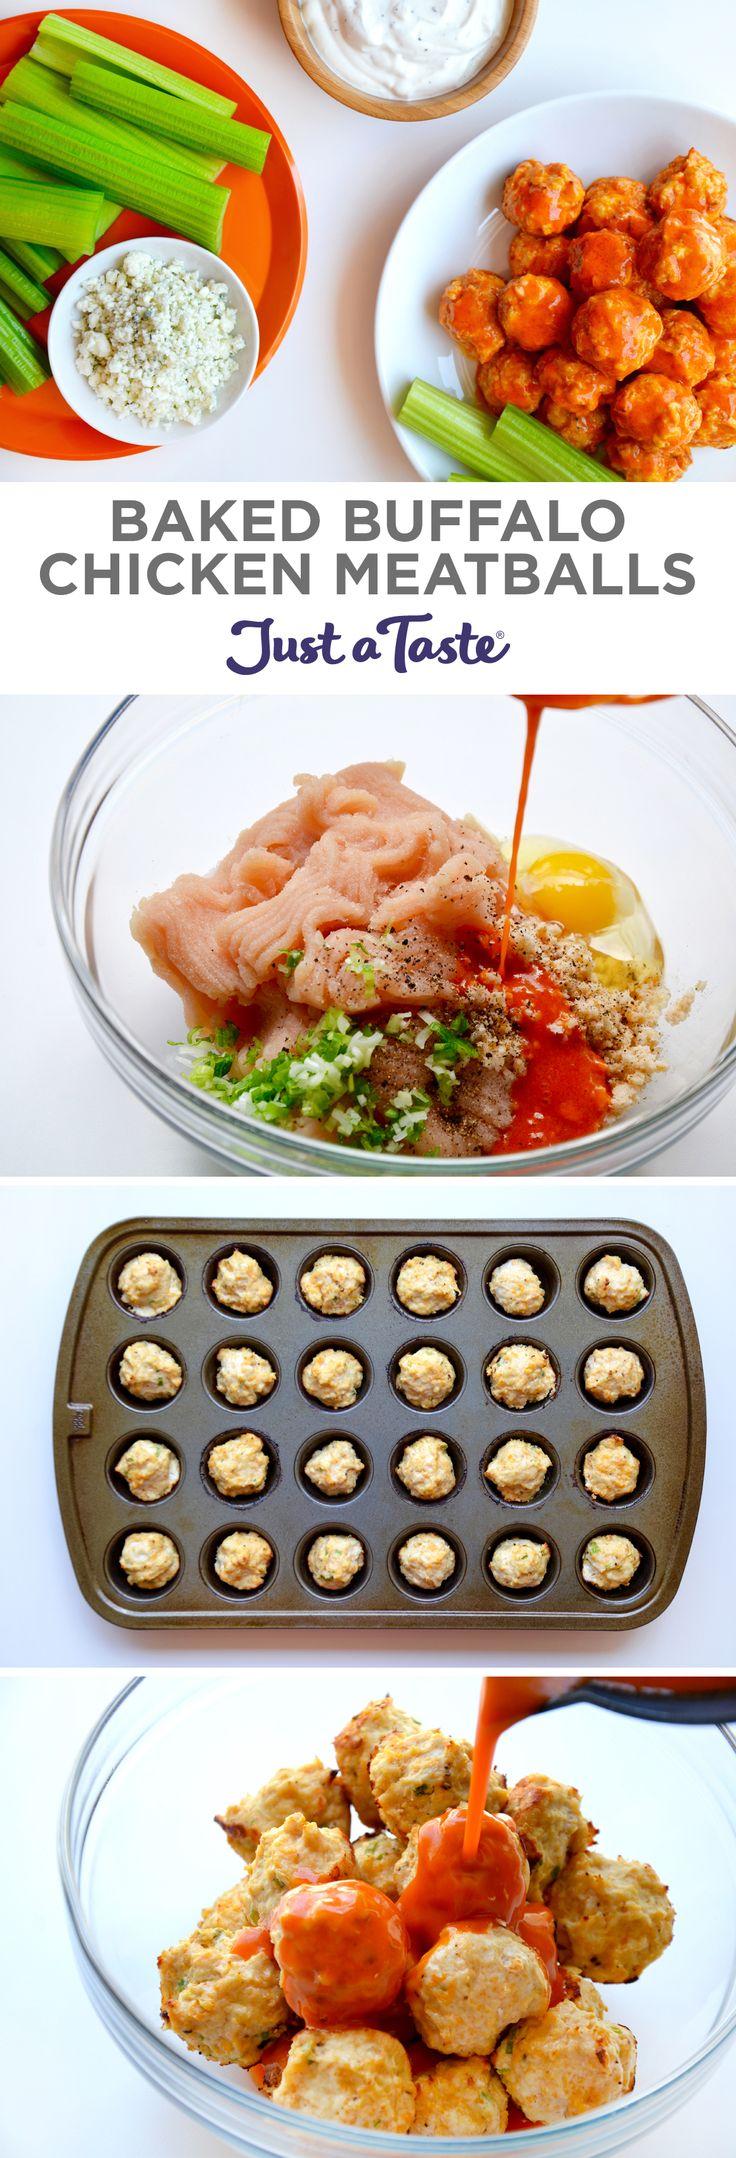 Baked Buffalo Chicken Meatballs   #recipe via justataste.com